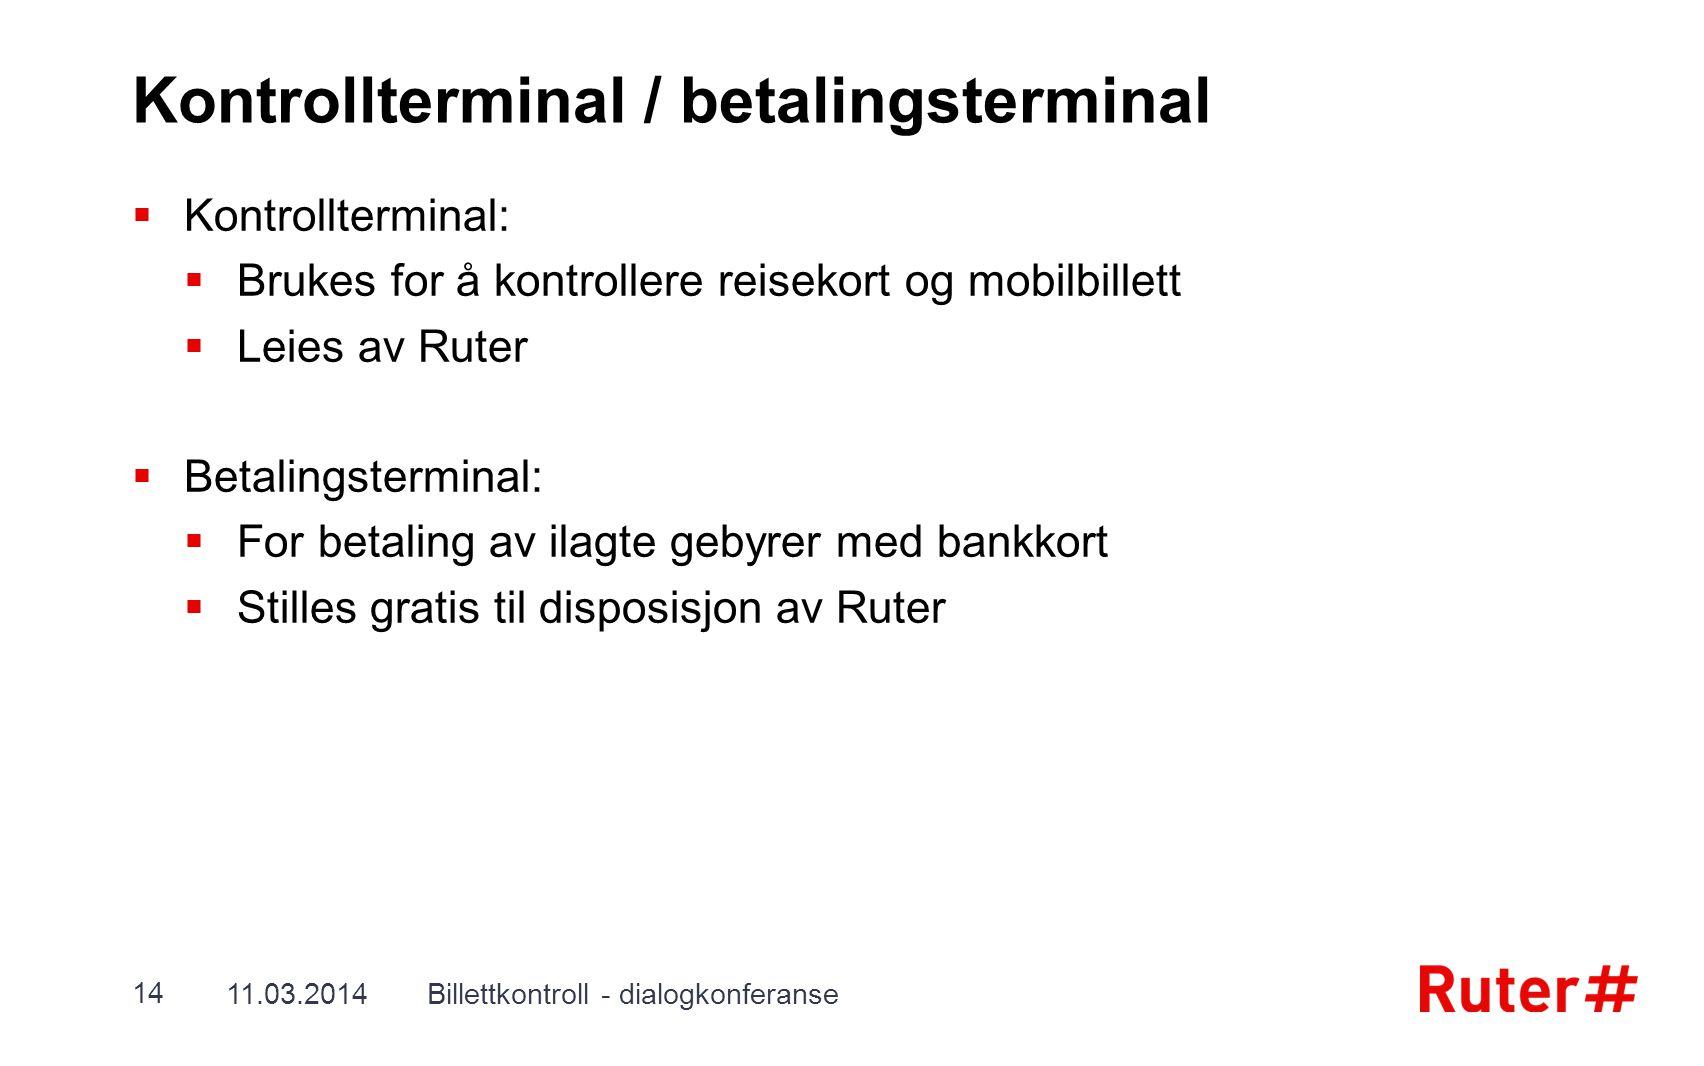 Kontrollterminal / betalingsterminal